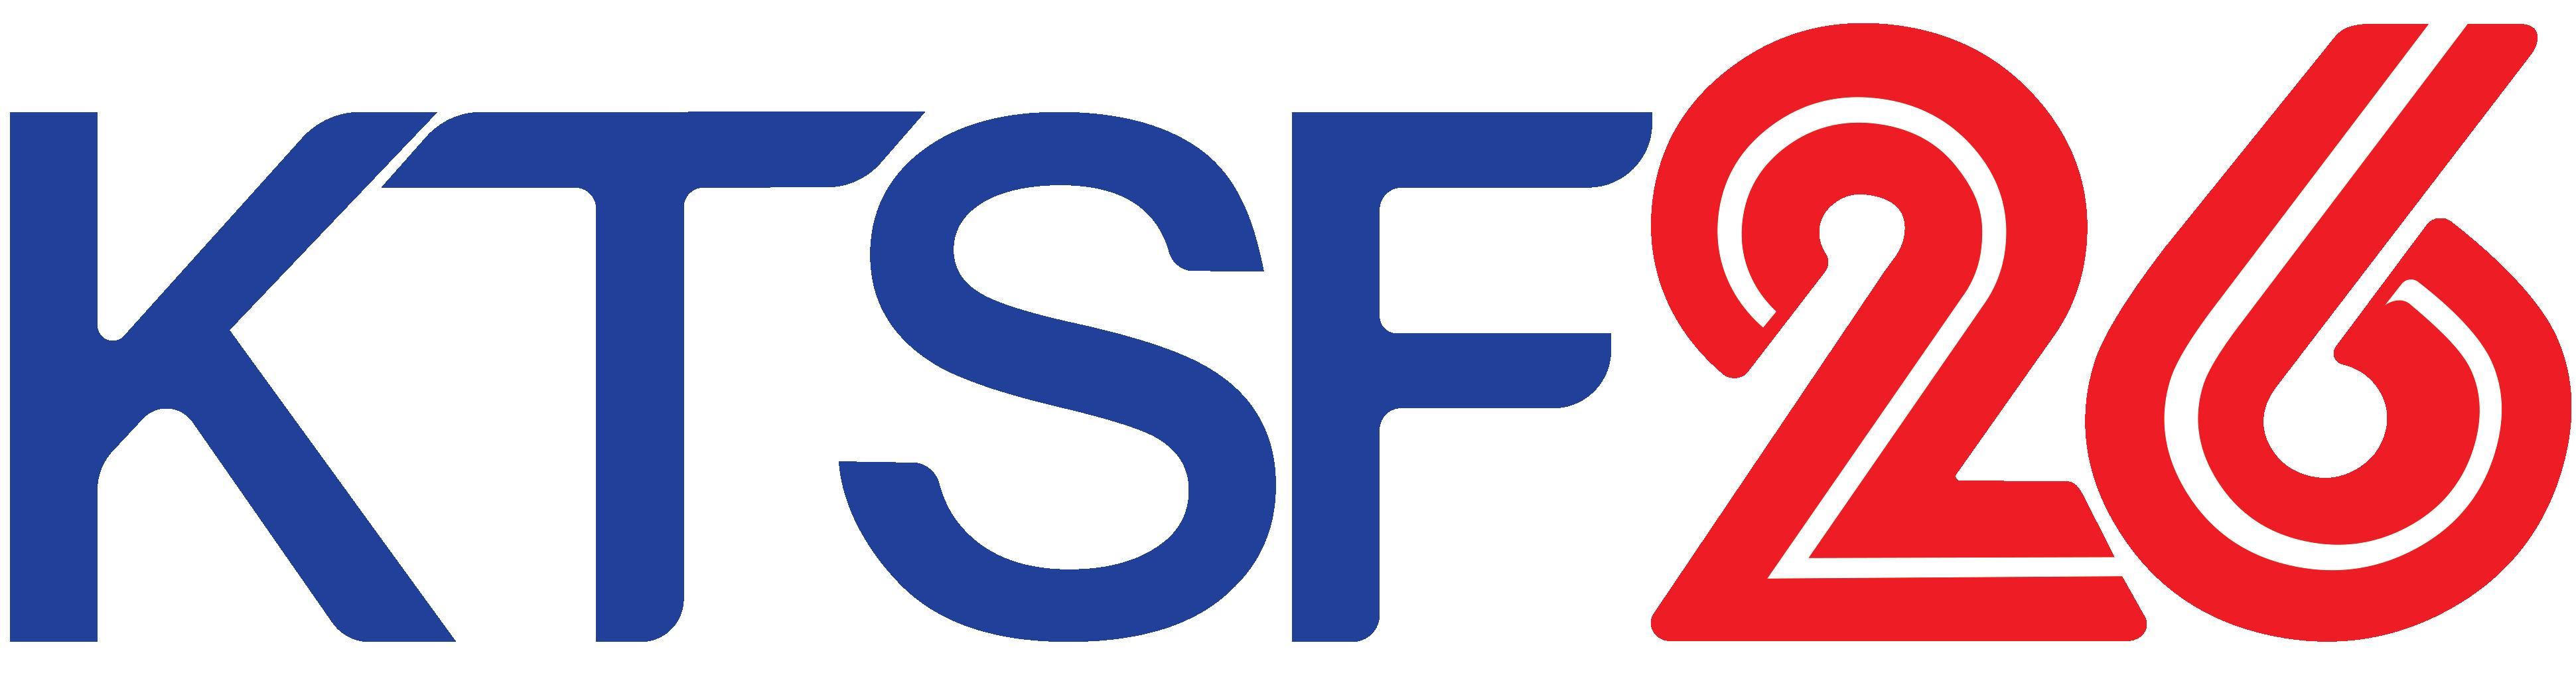 KTSF26 Logo